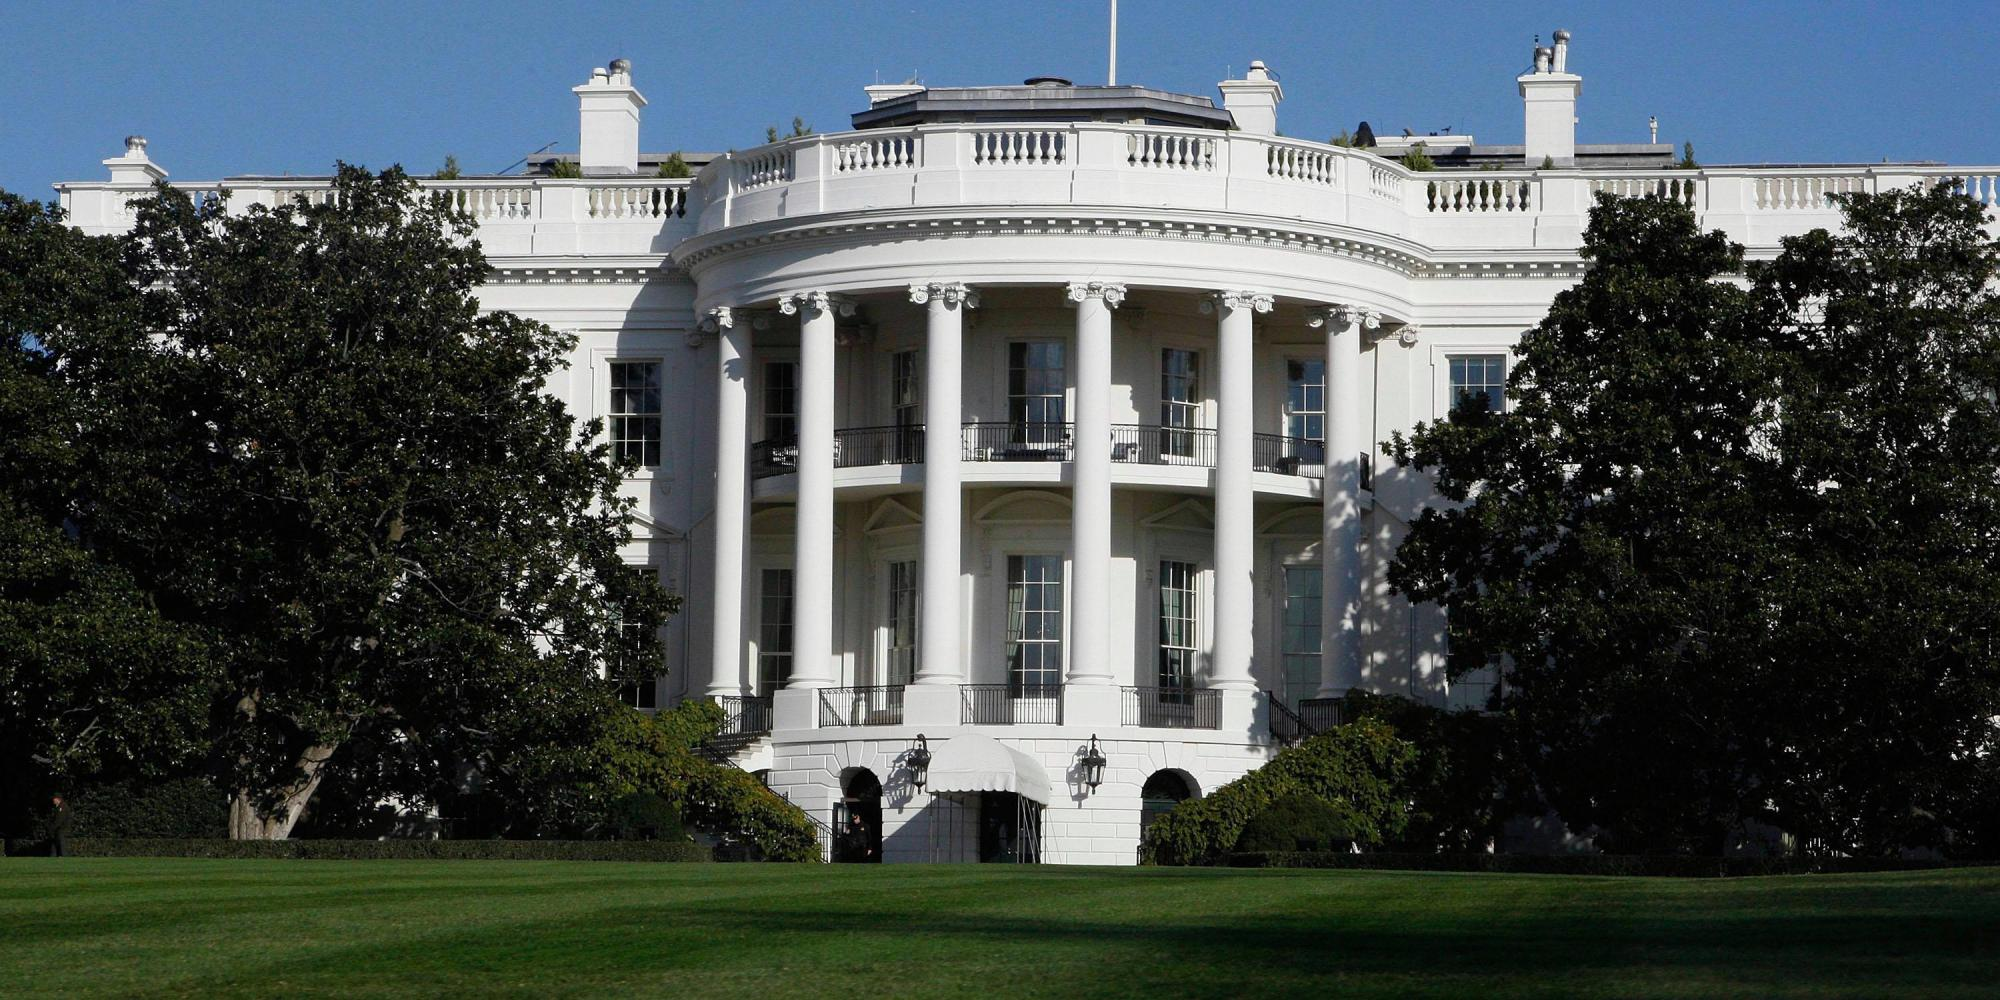 casa bianca code.gov